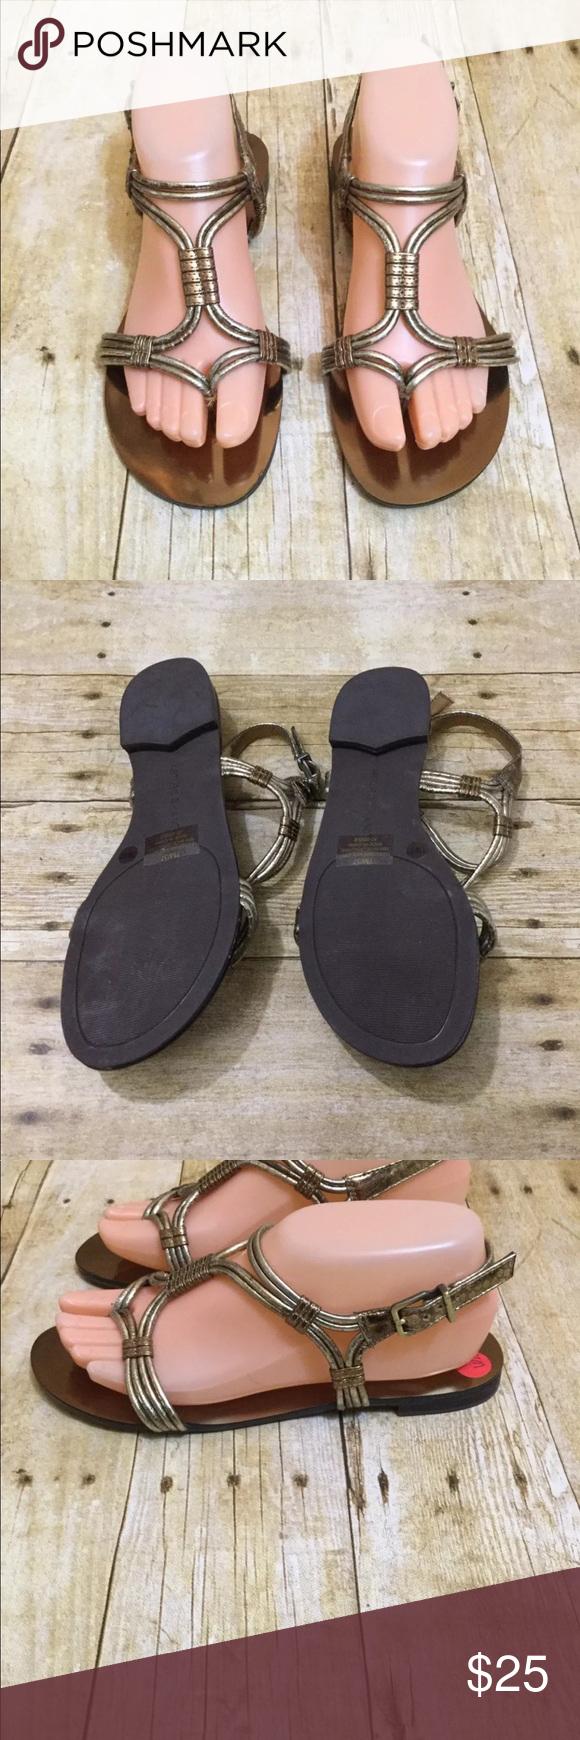 1b009918e618b Arturo Chiang Metallic Pewter Bronze Sandal Size 7